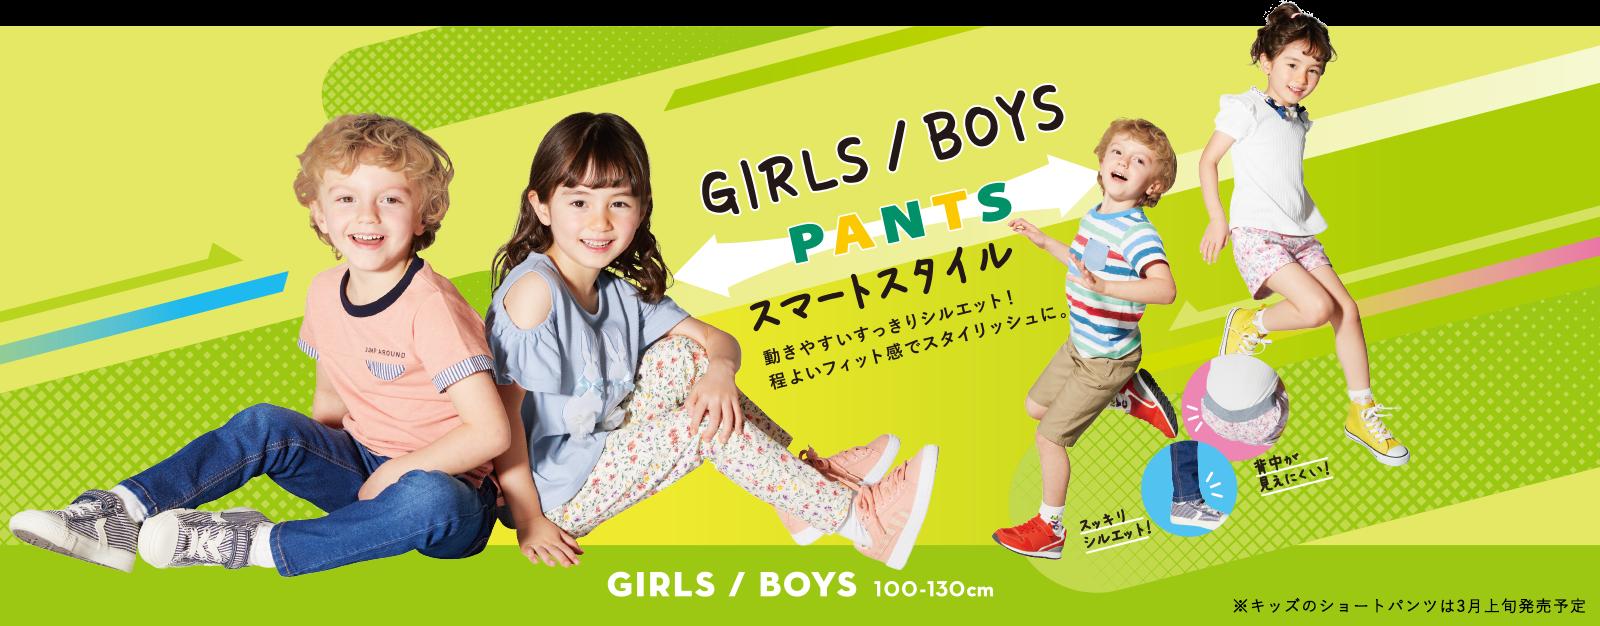 BOYS PANTS スマートスタイル 動きやすいすっきりシルエット!程よいフィット感でスタイリッシュに。BOYS 100-130cm